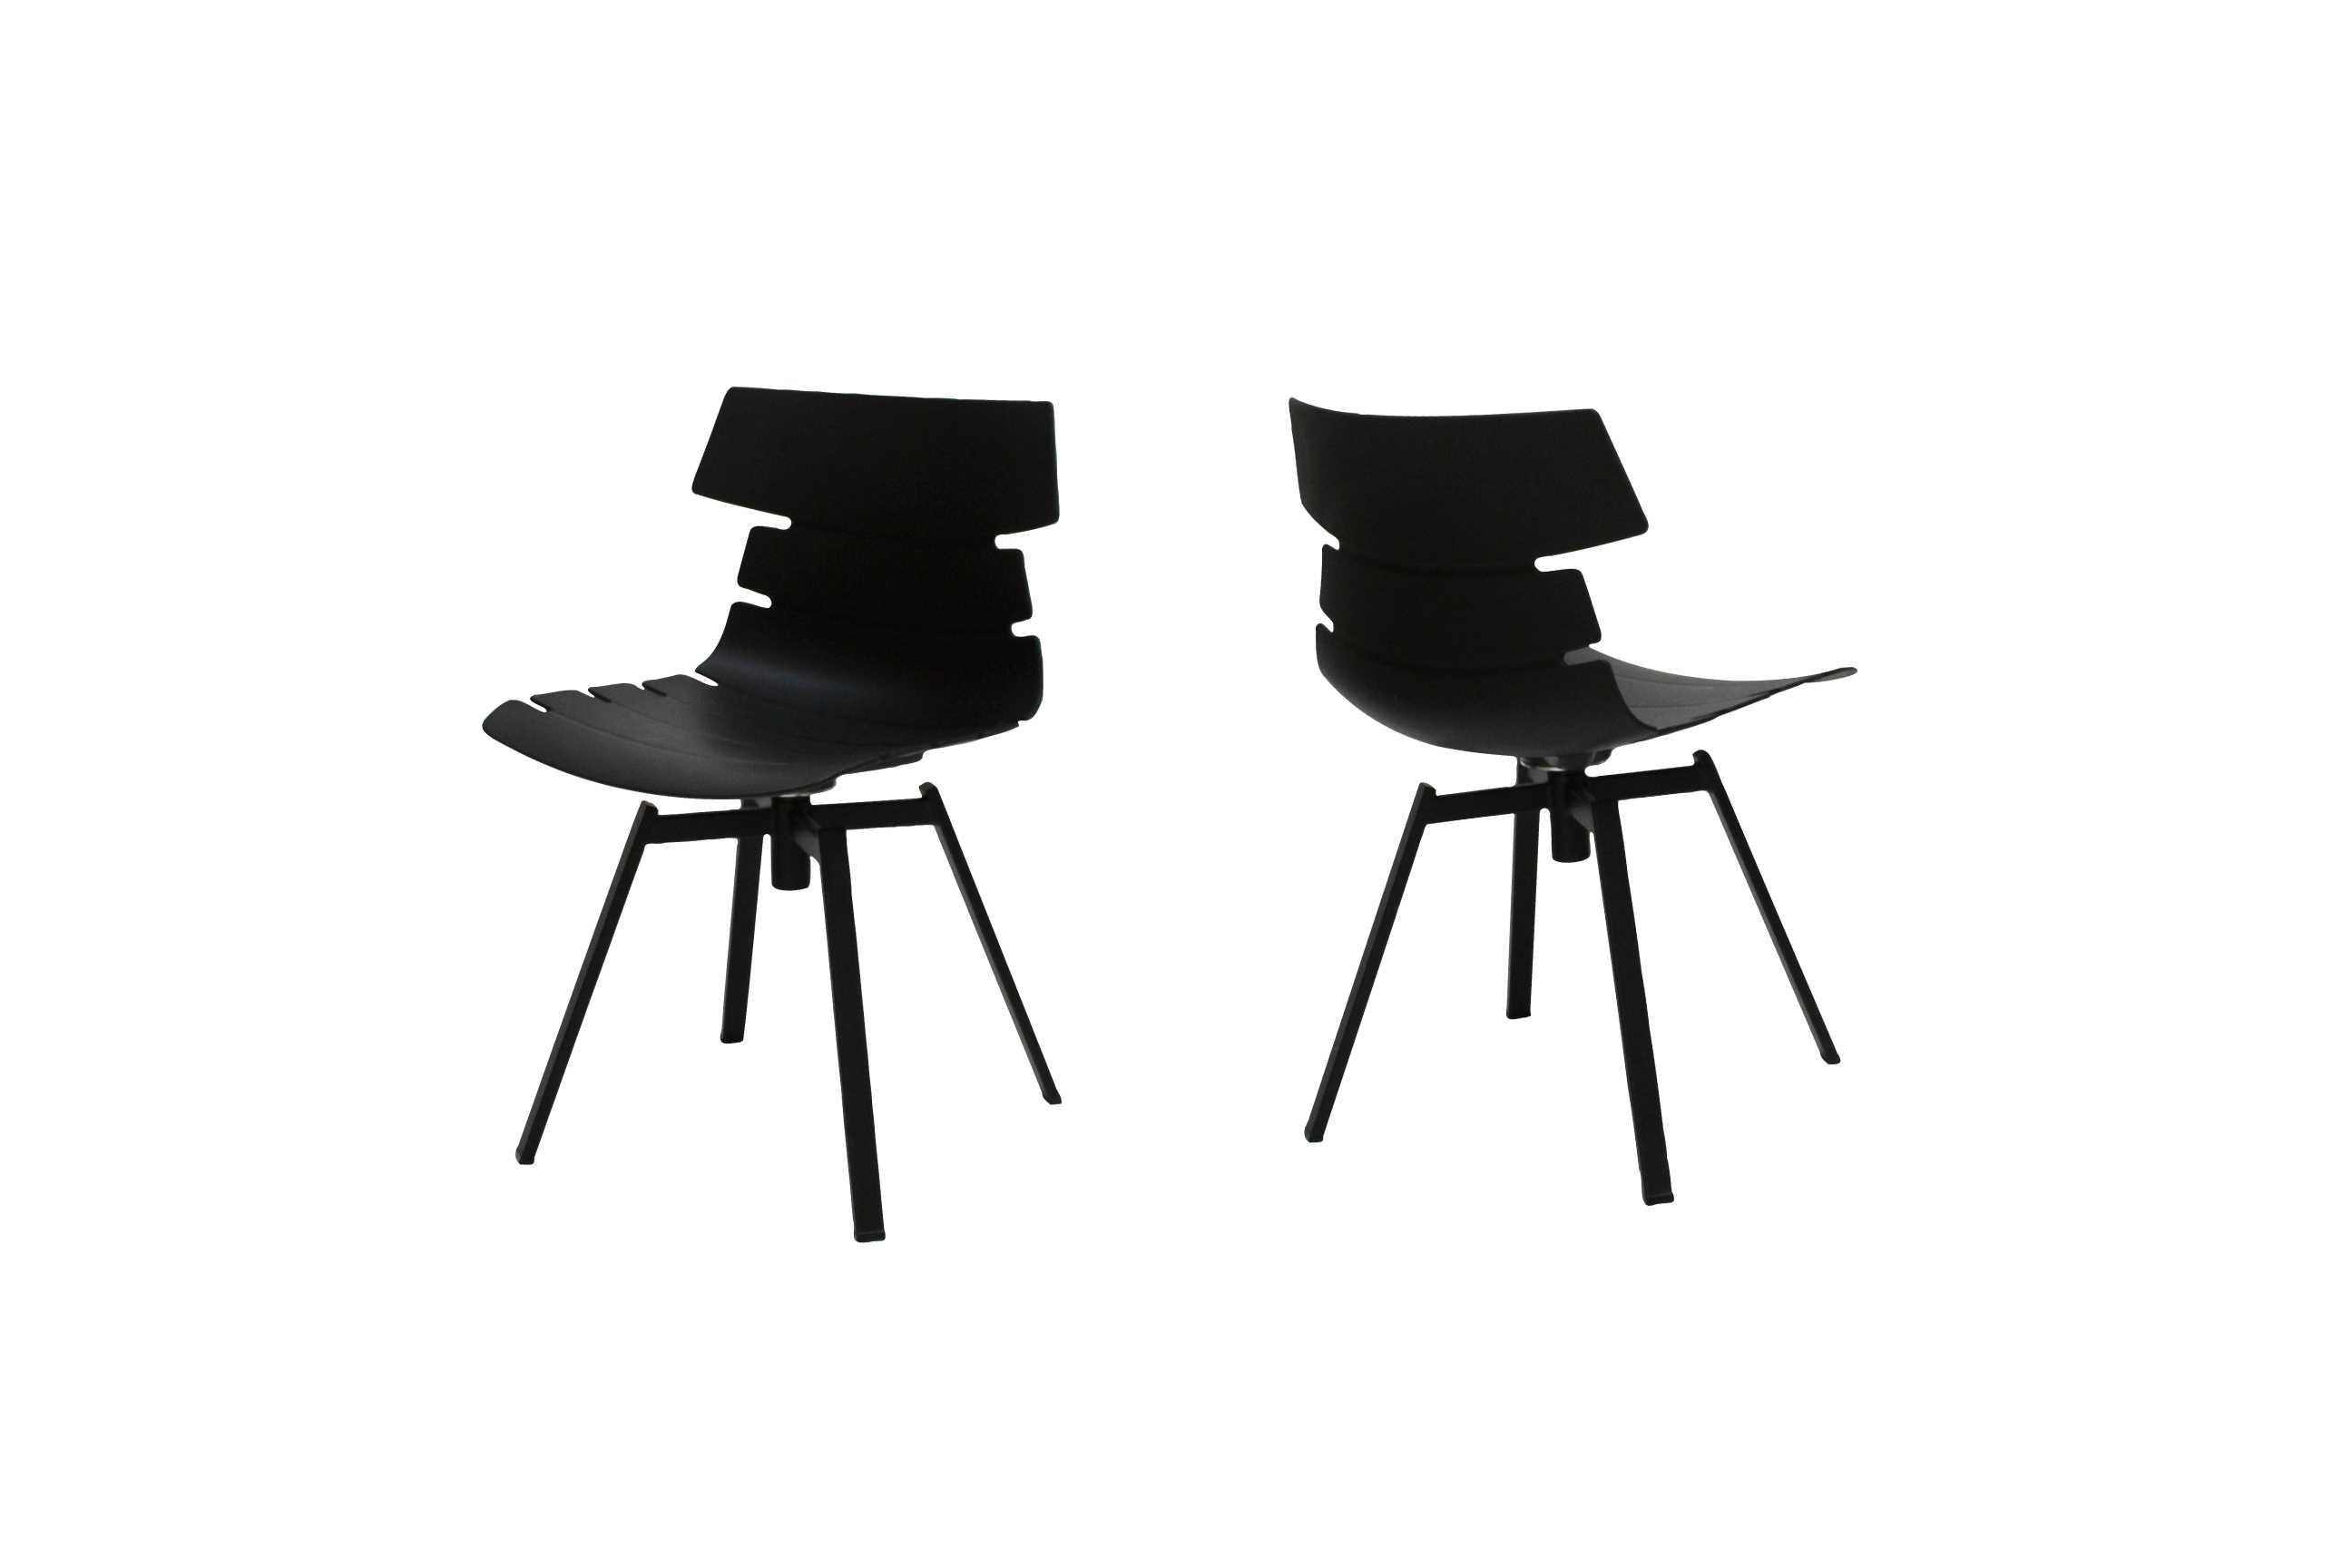 Canett victor spisebordsstol - sort plastik m. sorte metalben fra canett på boboonline.dk